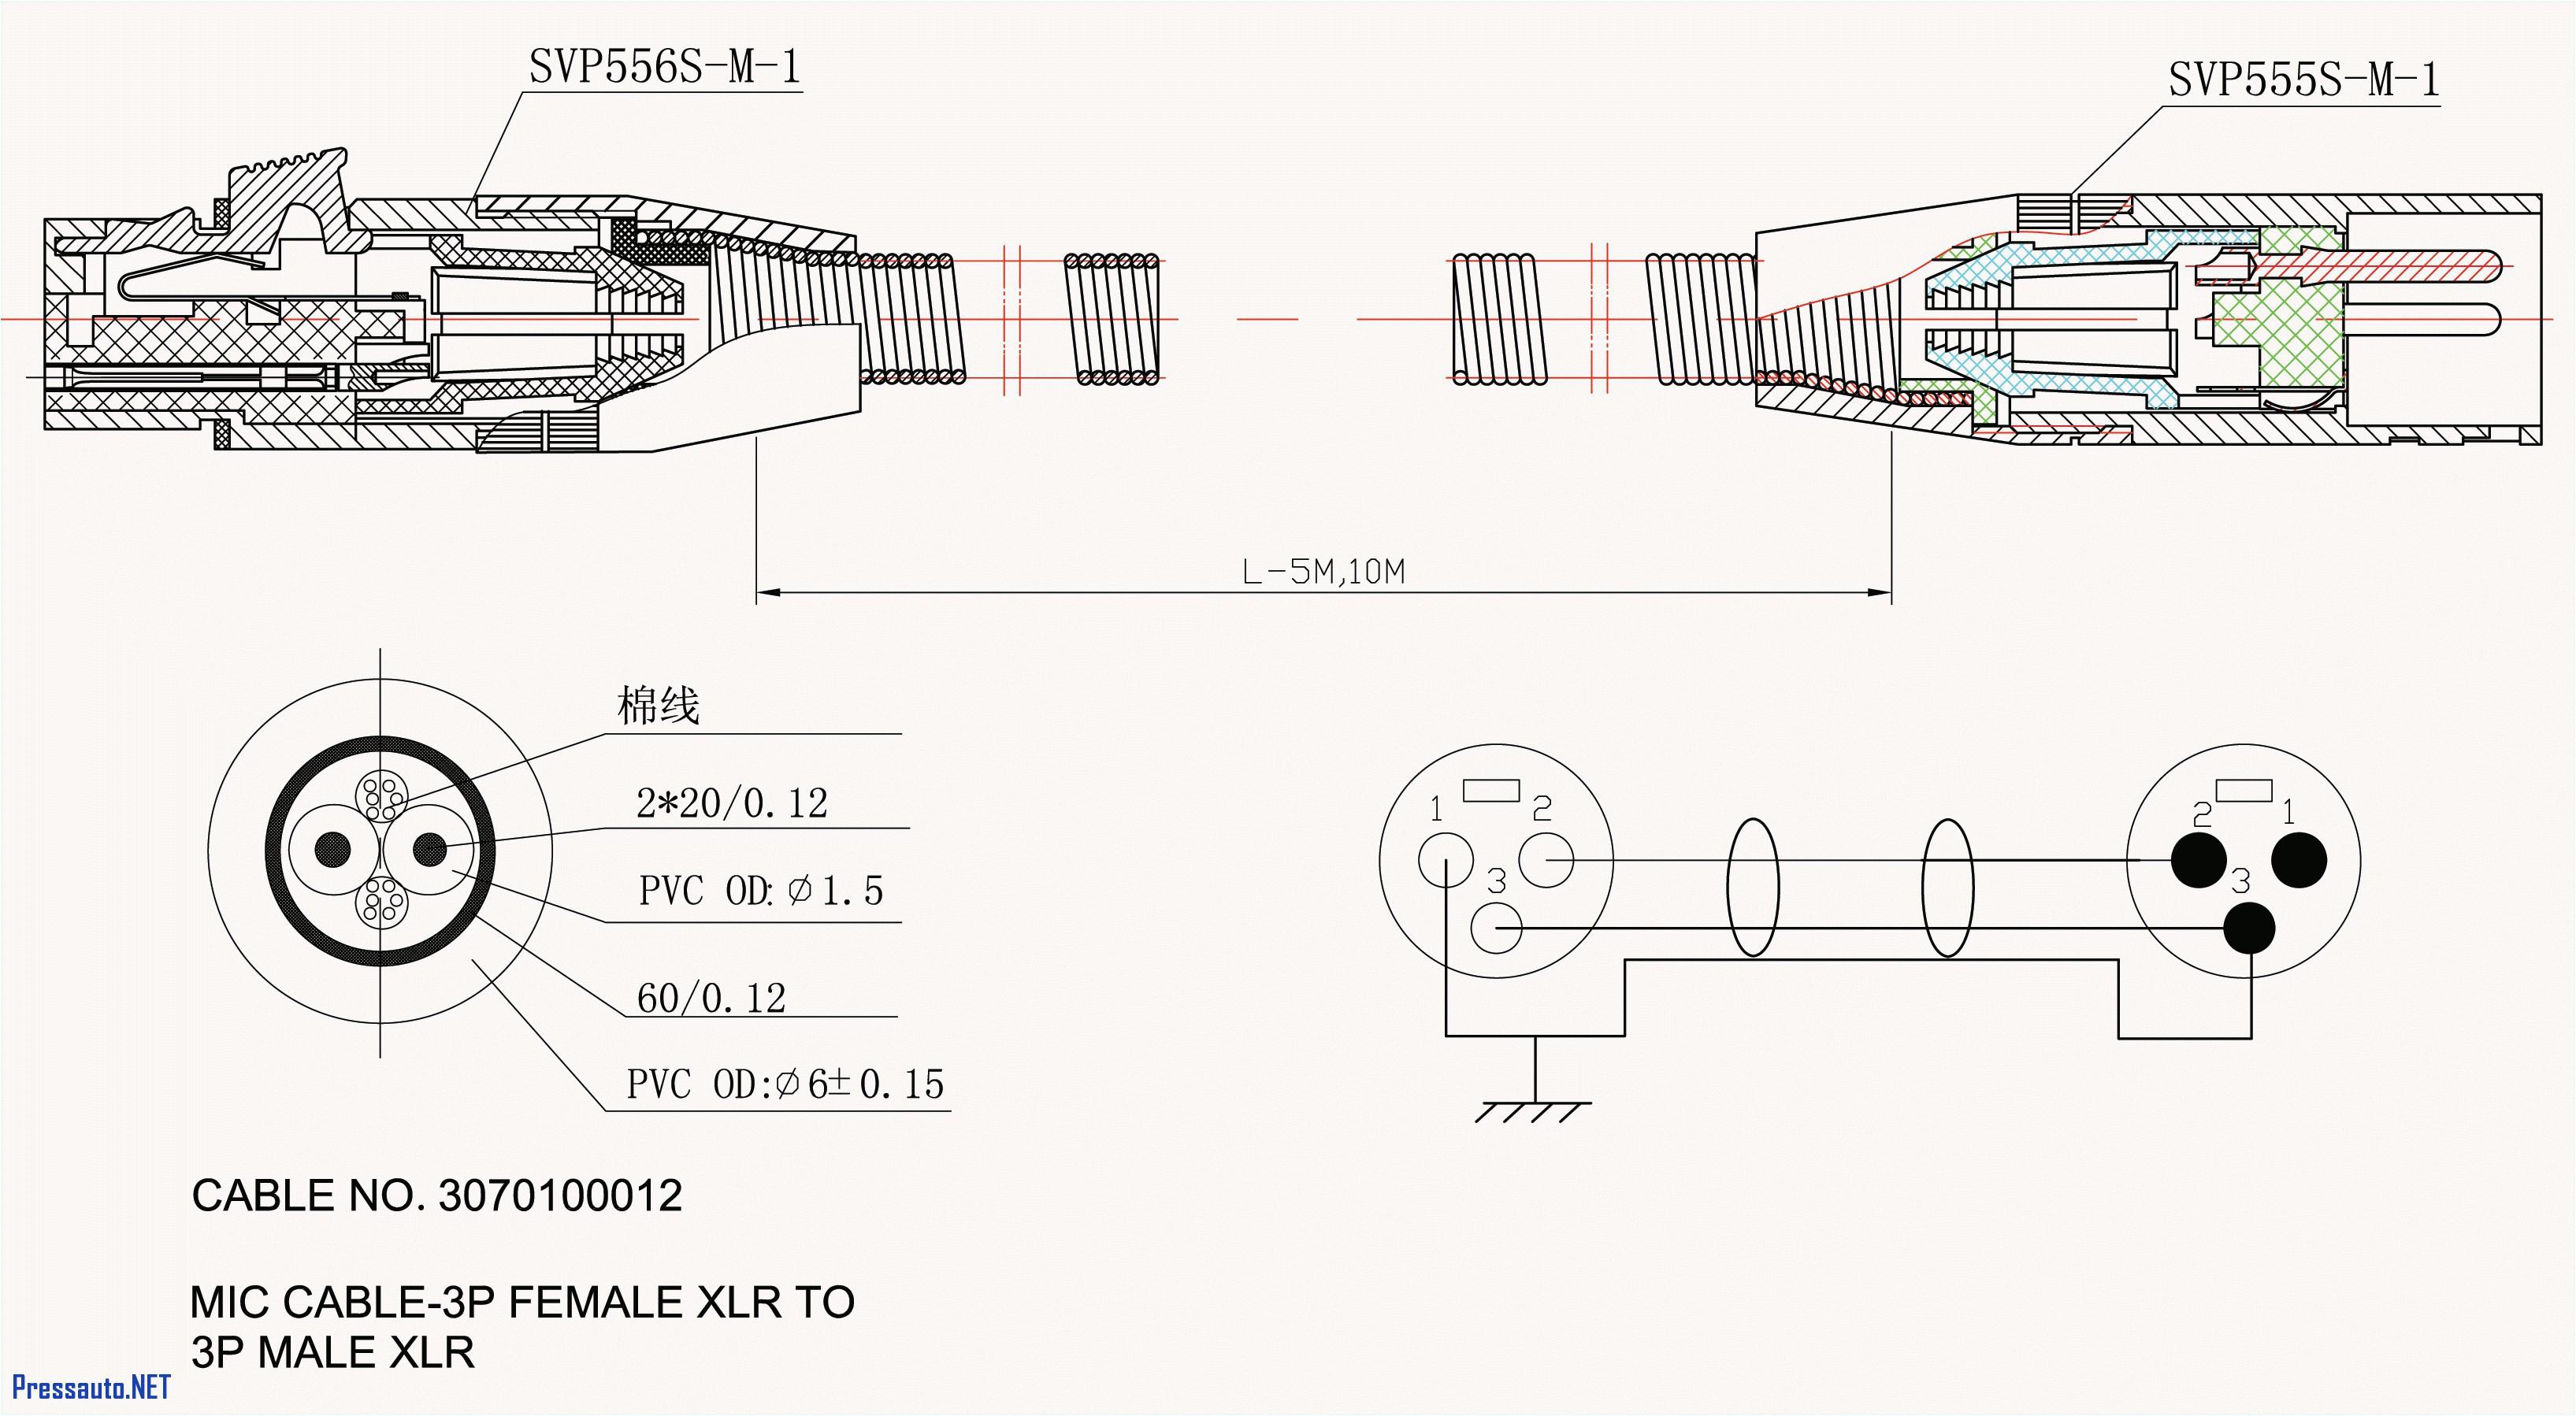 Xlr Female Wiring Diagram 6 Pin Xlr Wiring Diagram Wiring Diagram toolbox